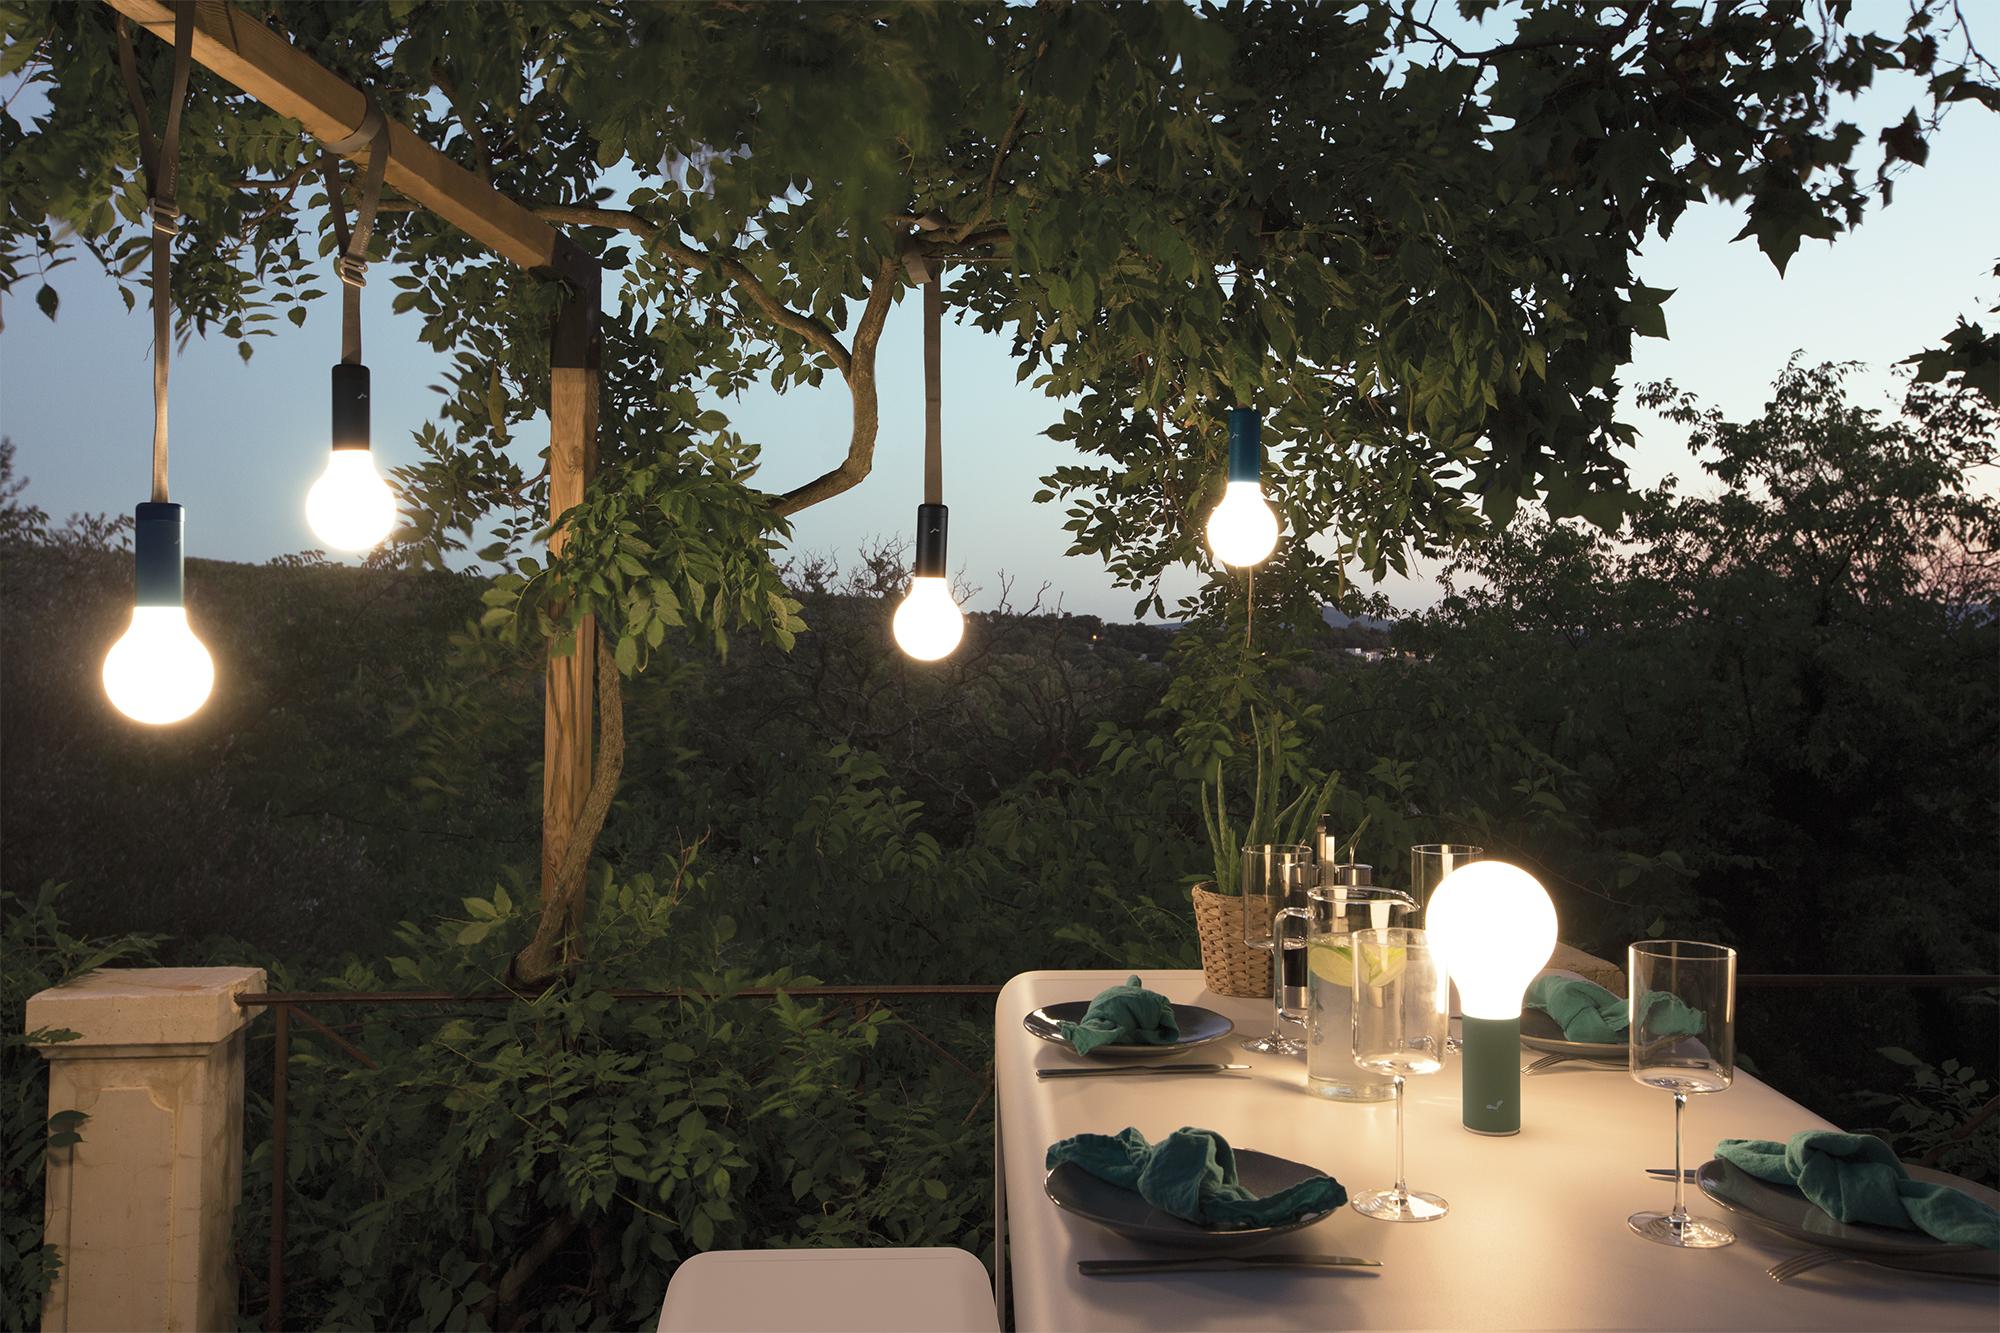 Lampe sans fil, lampe outdoor, lampe nomade, lampe rechargeable, lampe d'exterieur, lampe outdoor, lampe de jatdin, lampe suspendue, lampe à poser